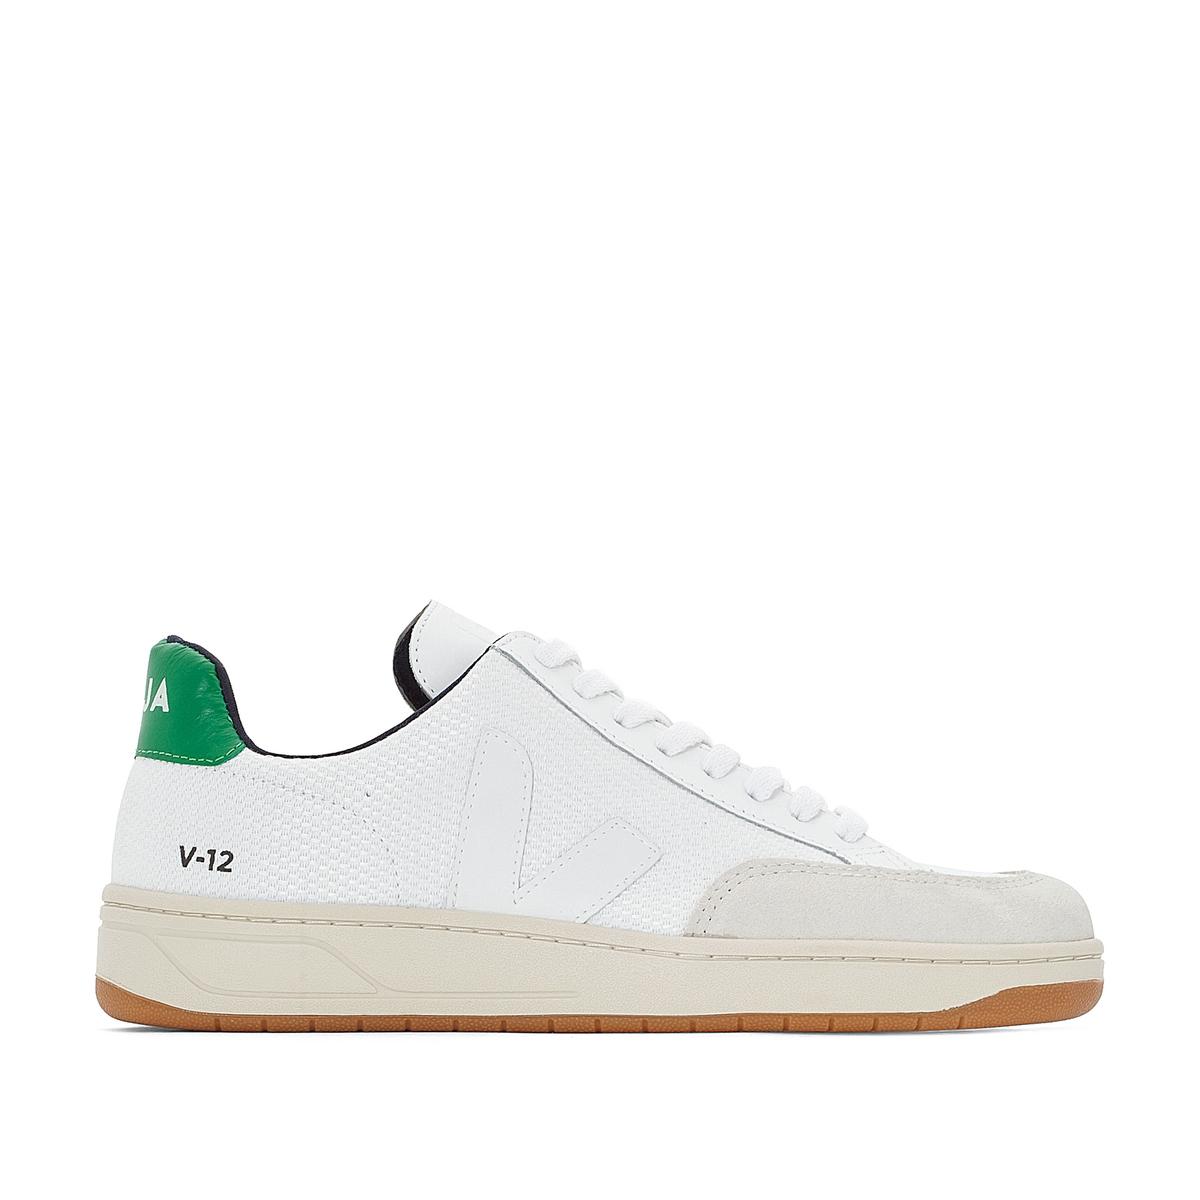 Кеды V-12Детали  •  Спортивный стиль •  Плоский каблук •  Застежка : шнуровкаСостав и уход  •  Верх 100% синтетический материал •  Подкладка 100% хлопок •  Стелька 100% хлопок  •  Подошва 100% каучук<br><br>Цвет: белый/ зеленый